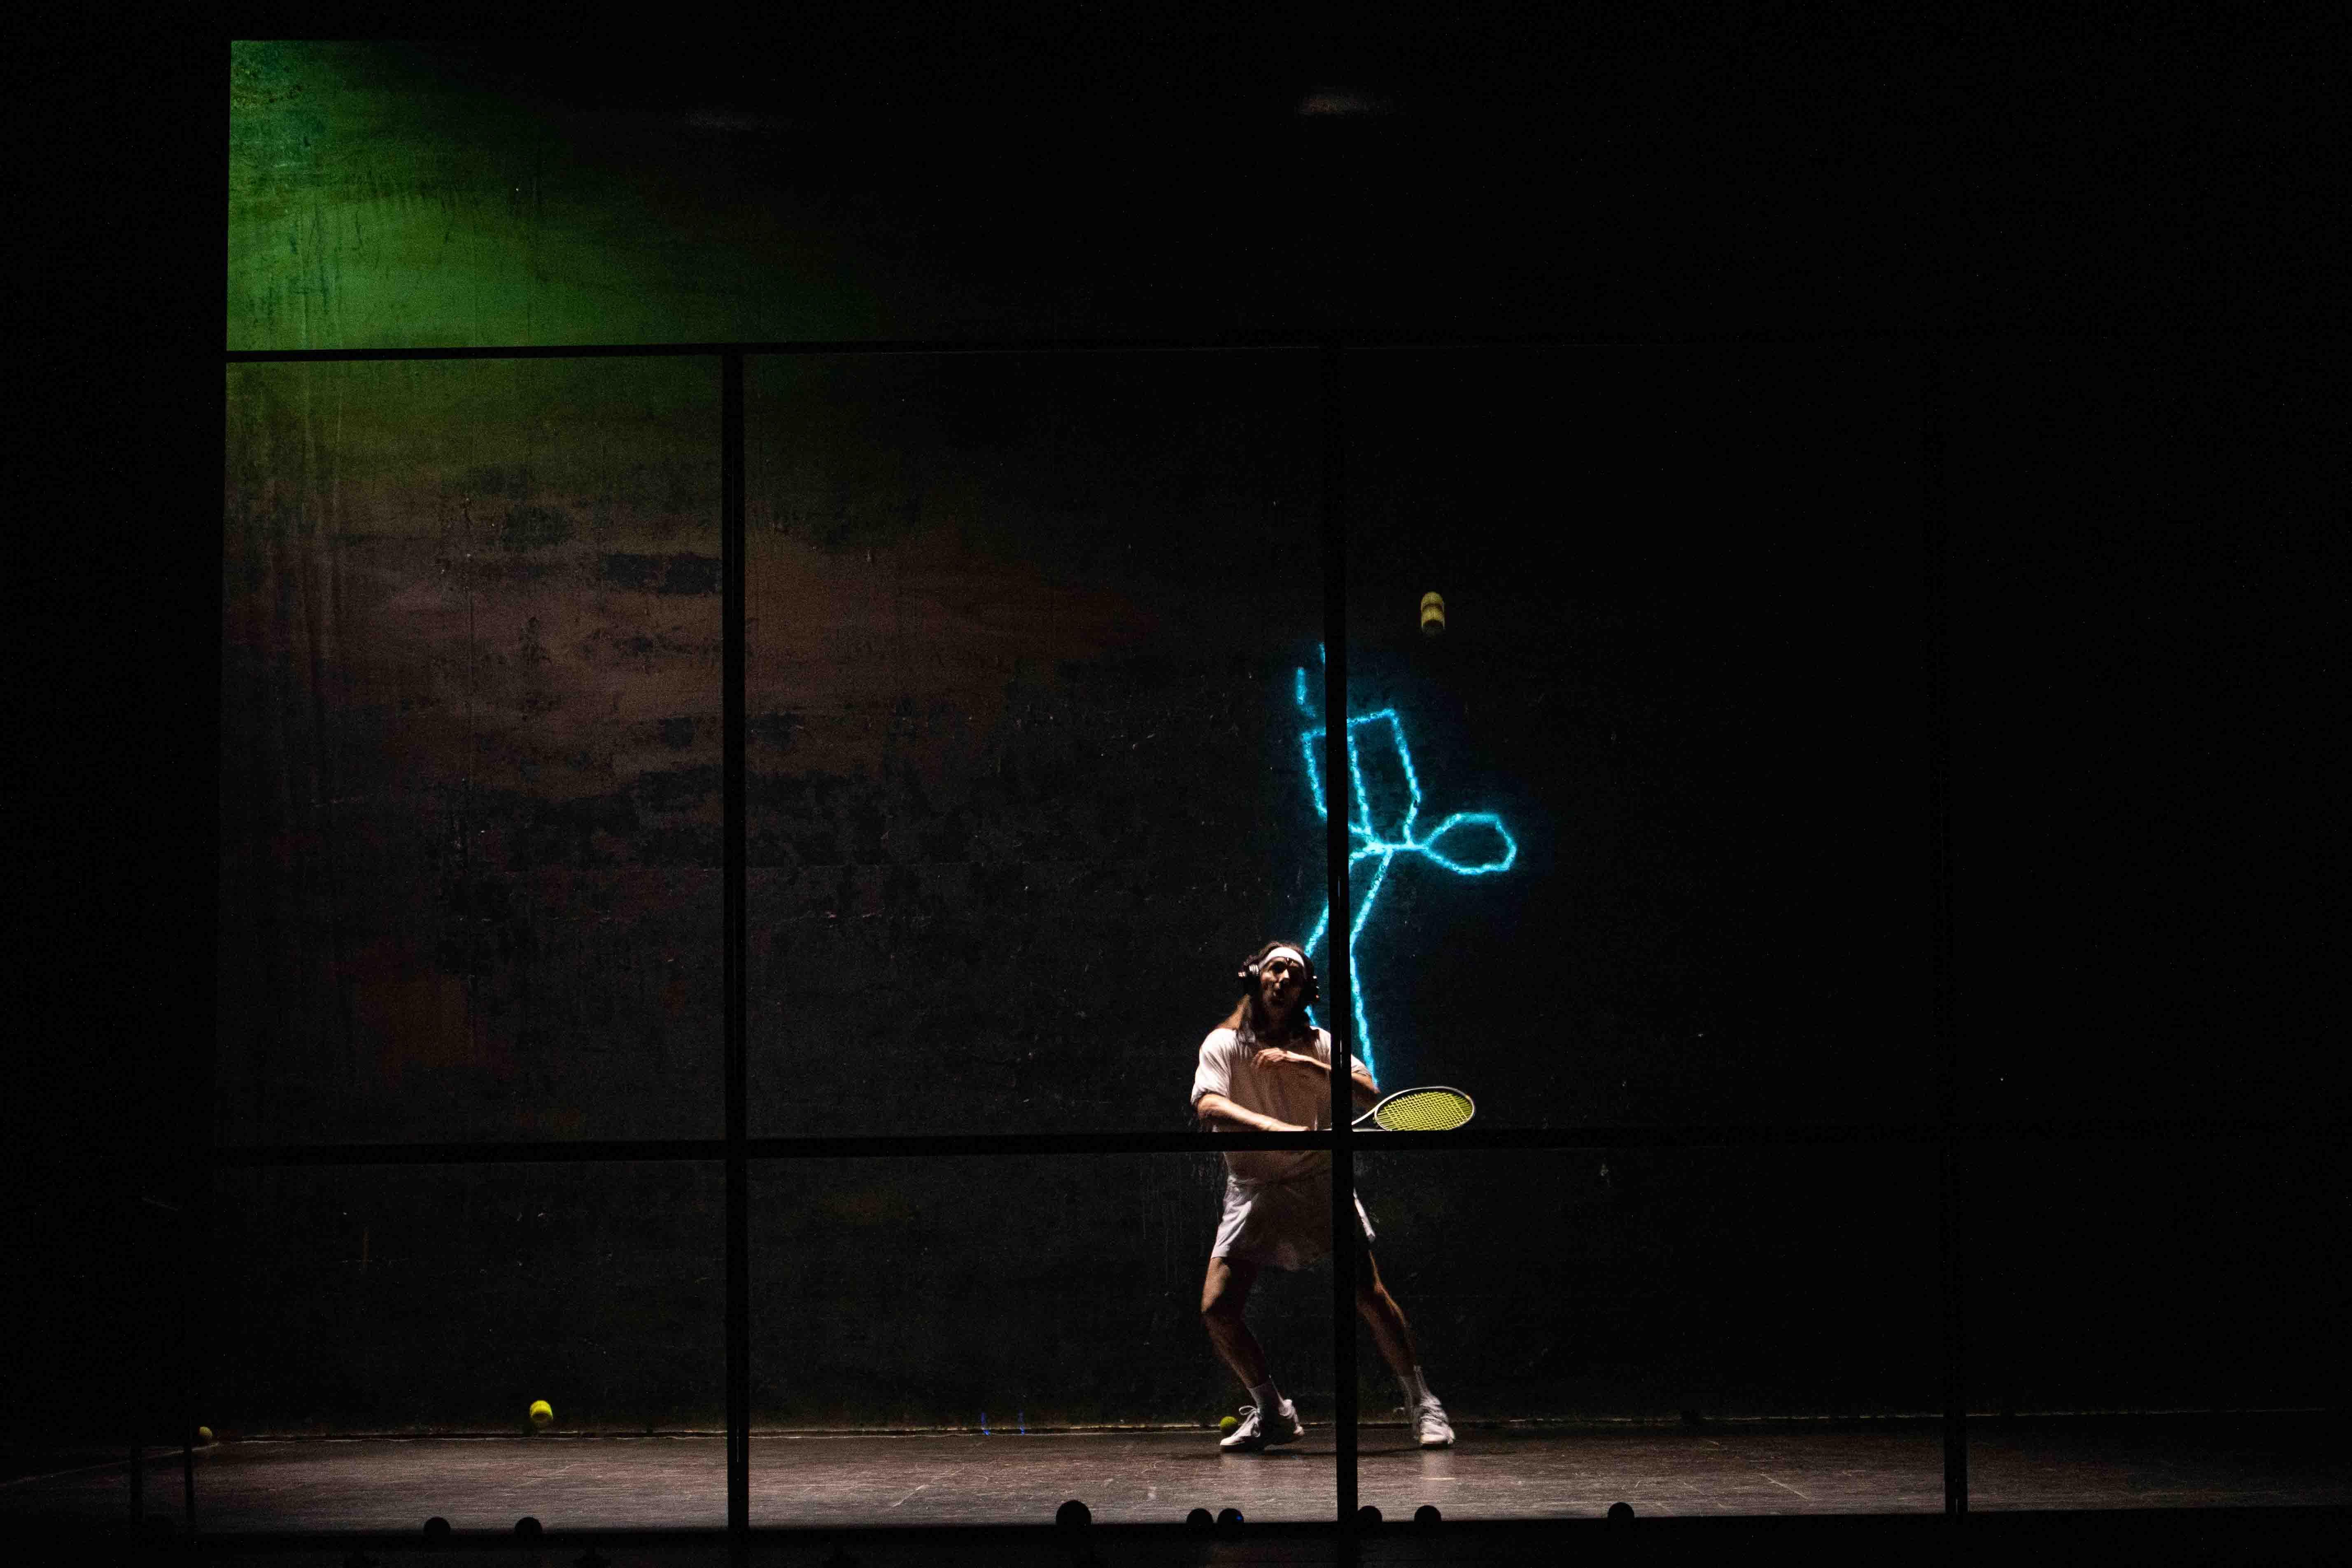 Tennis Foto di scena 20